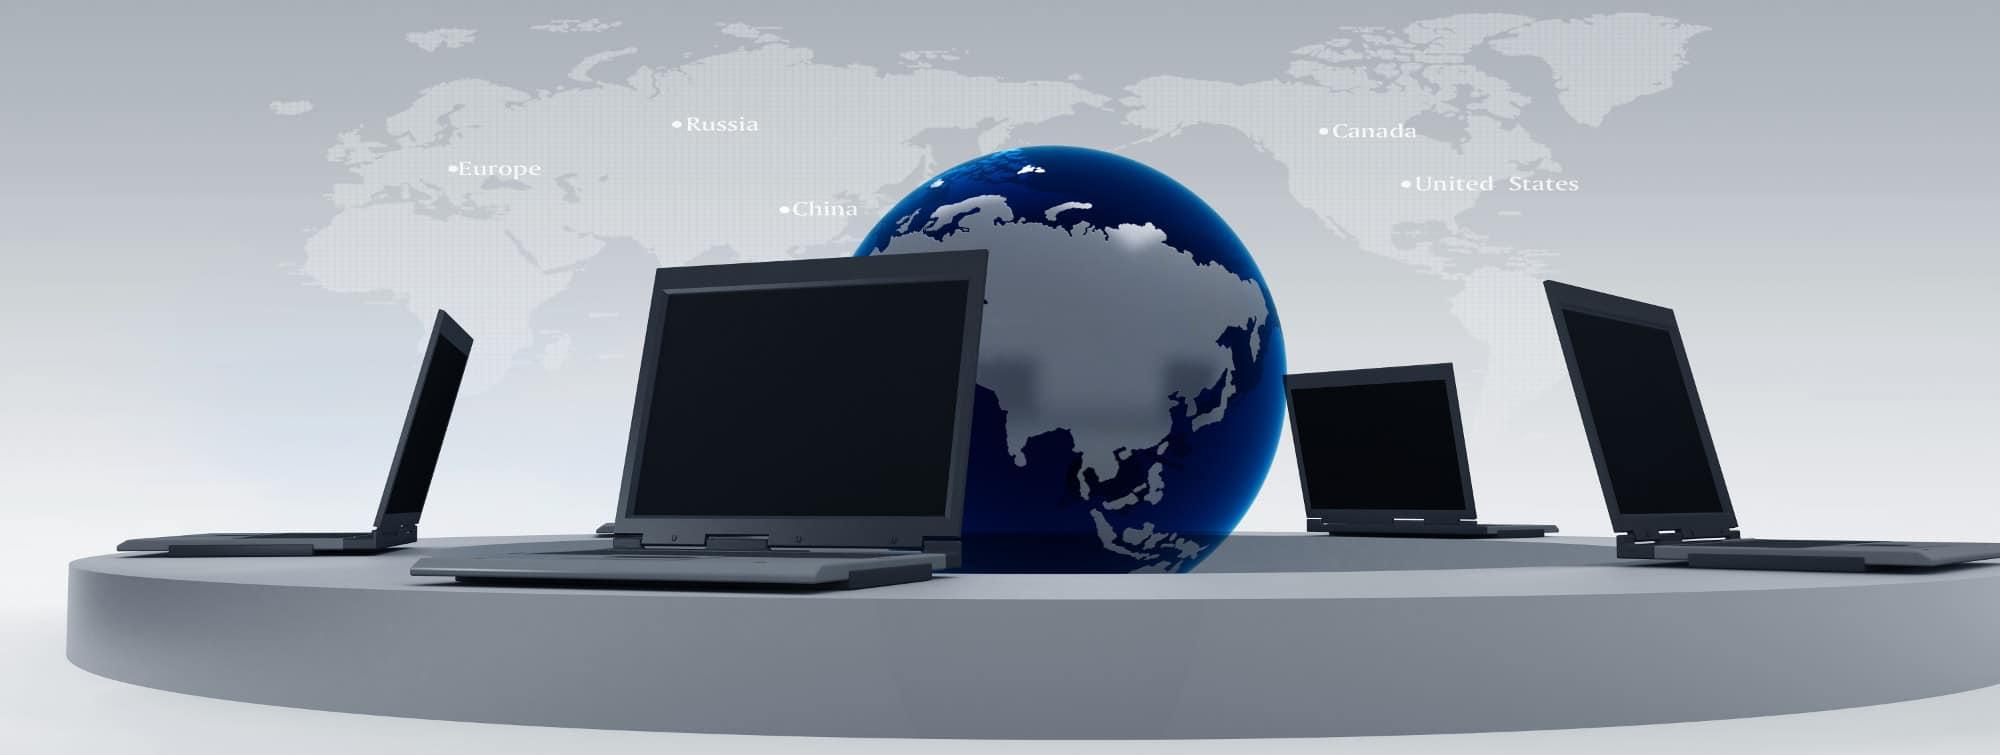 IT Service plans